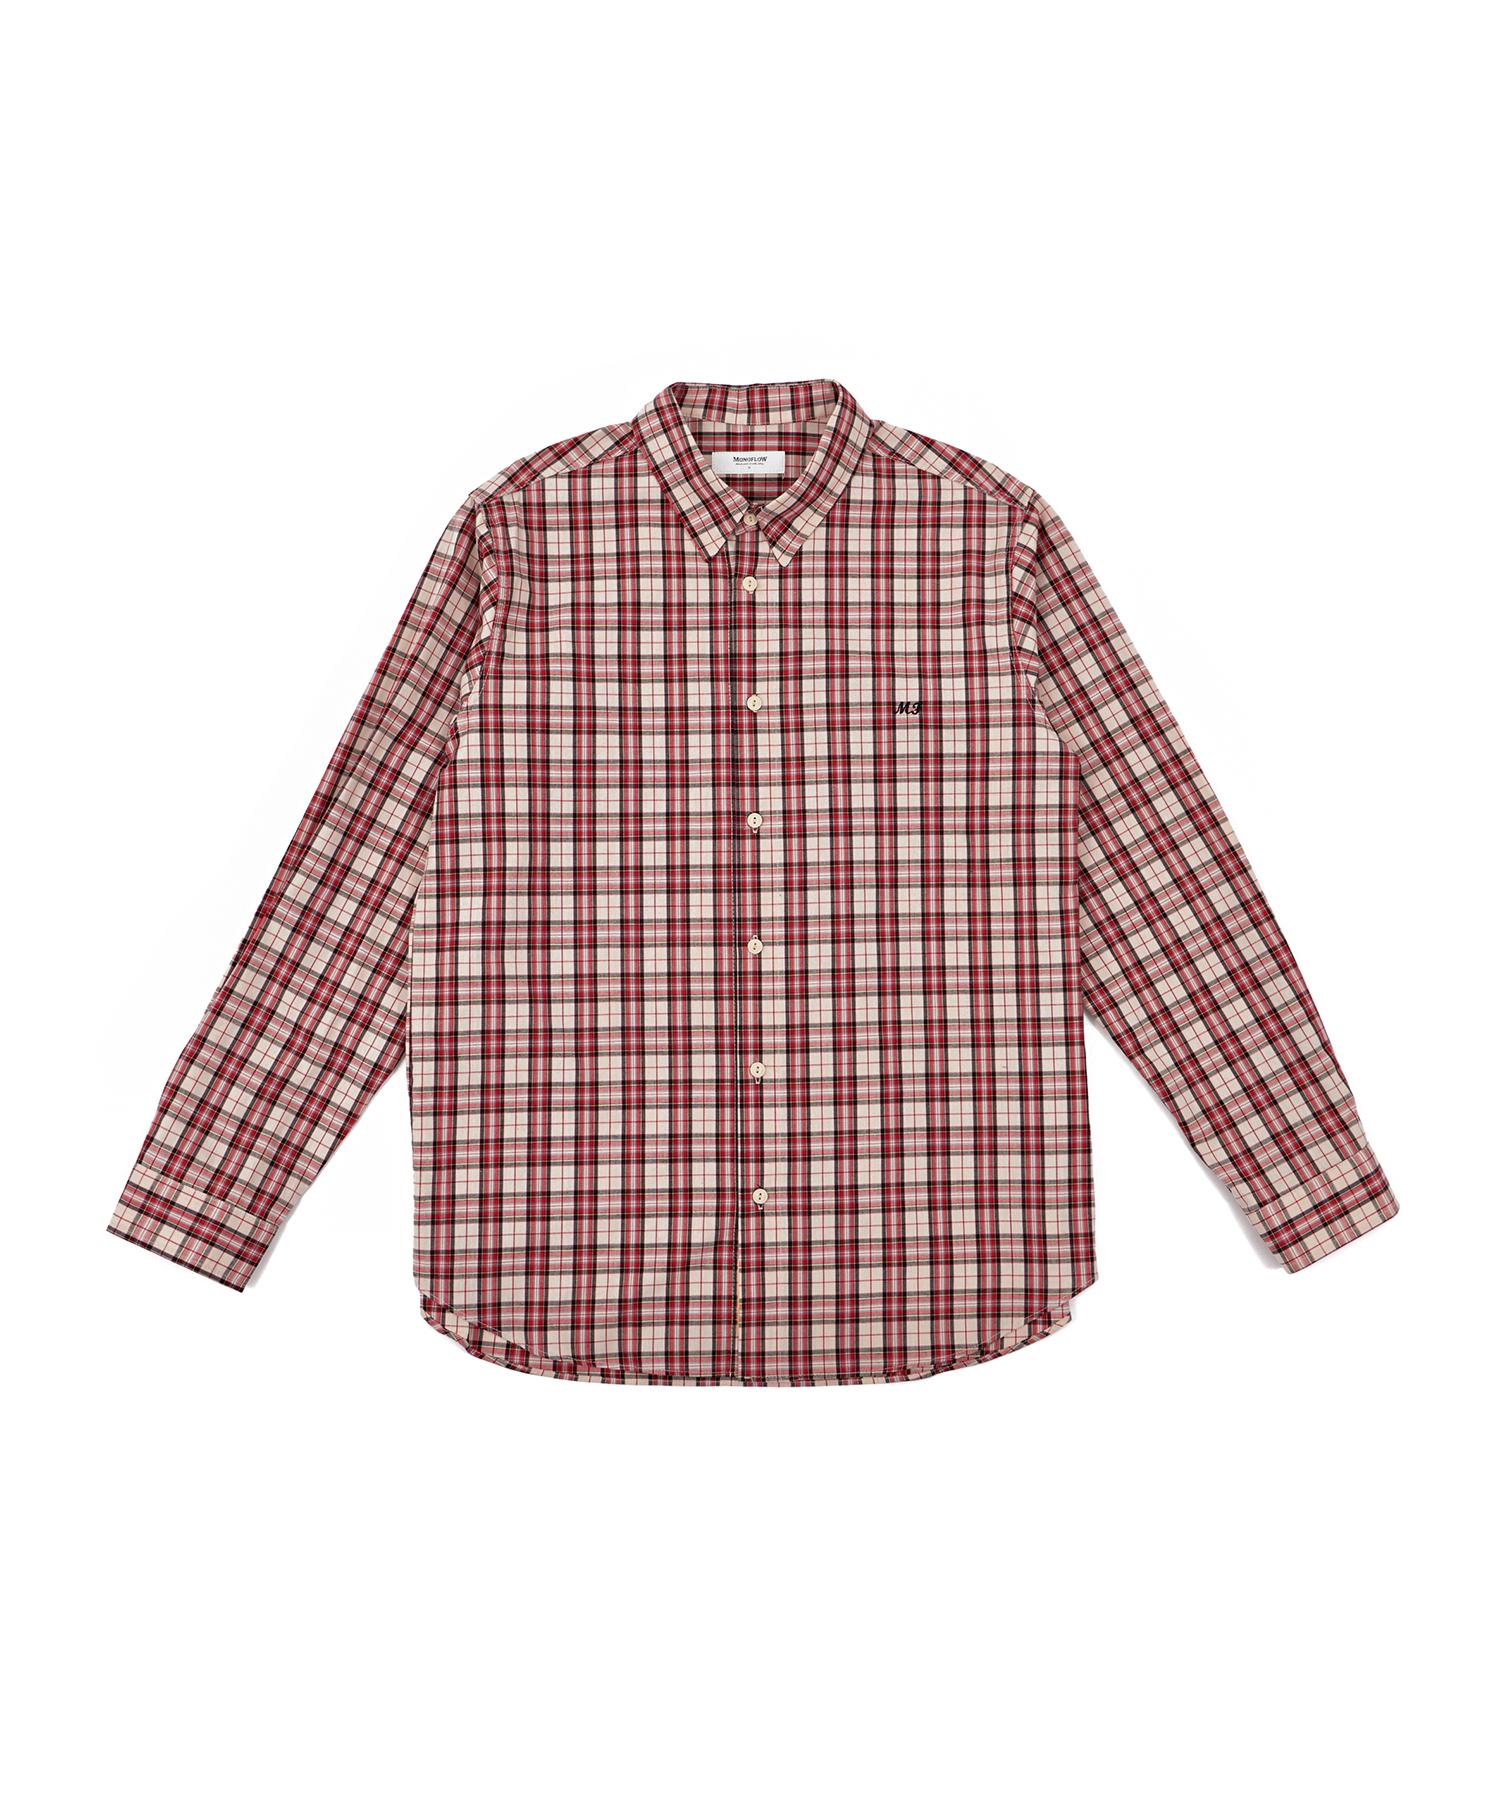 모노플로우 스프링 체크 셔츠